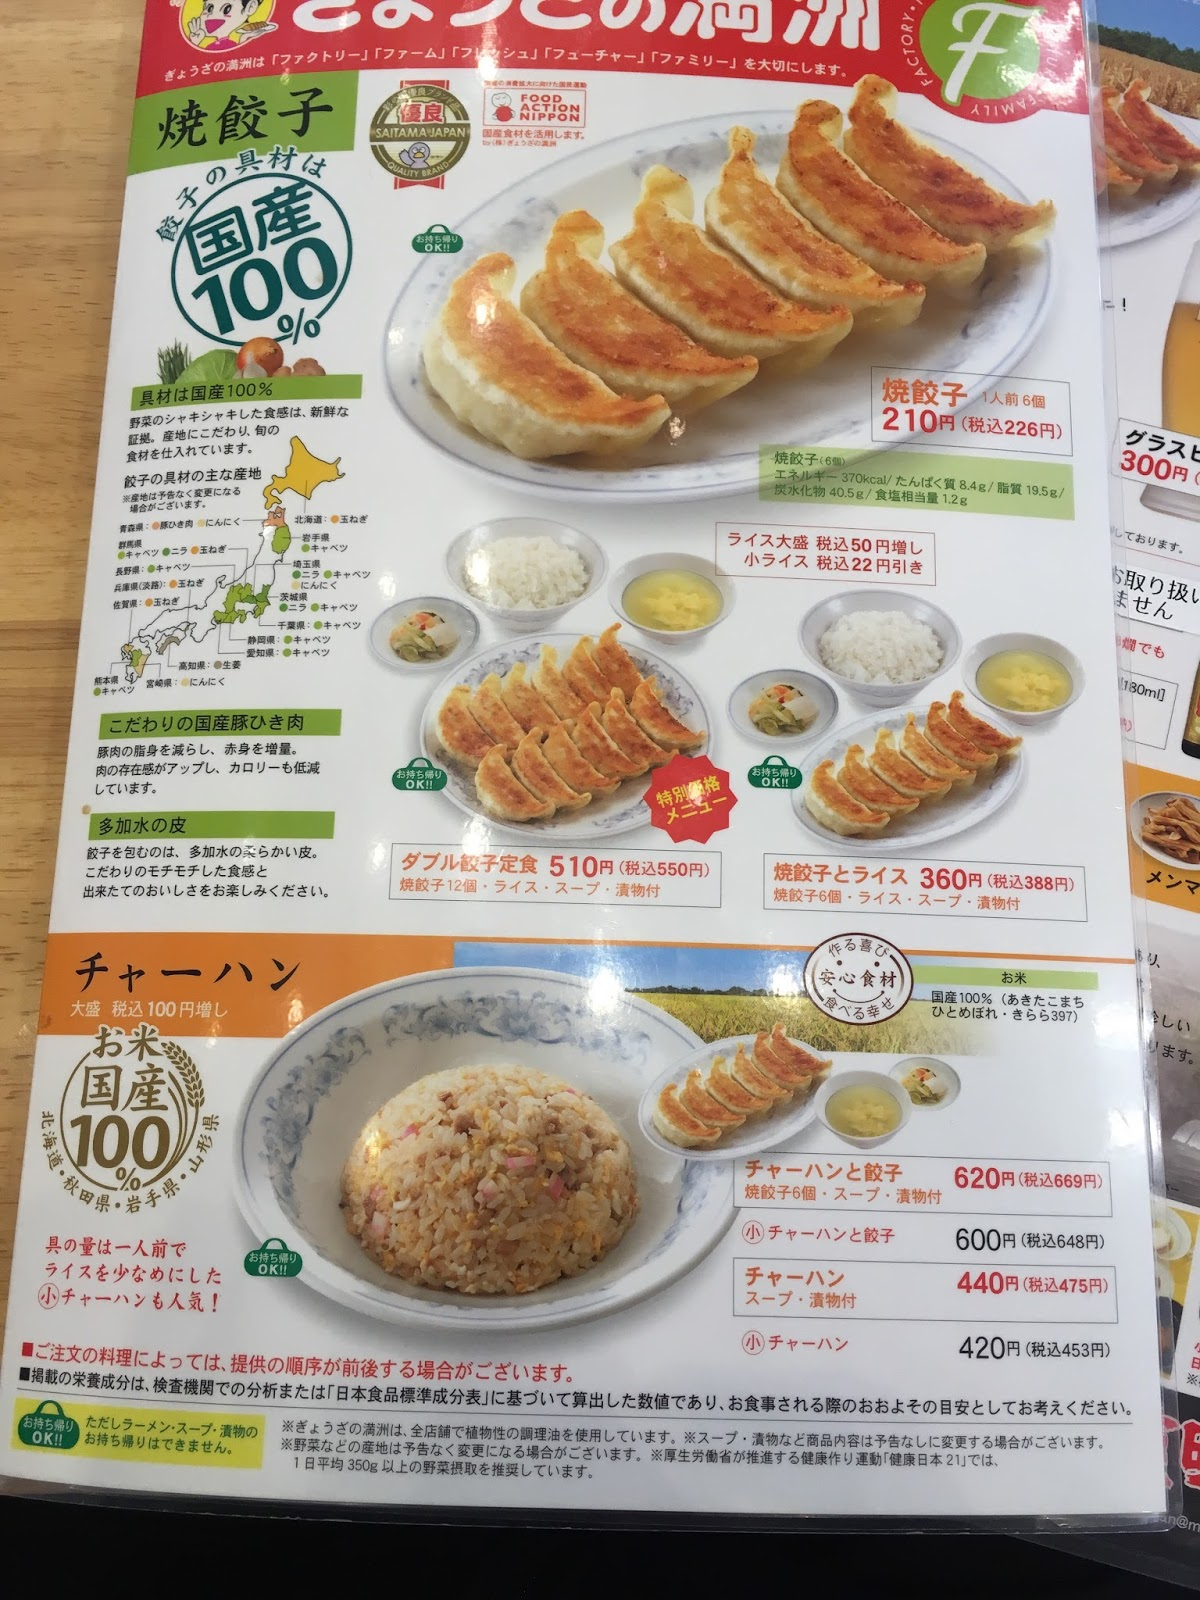 麺類は「満州ラーメン」(410円)をはじめ、「塩ラーメン」(432円)、 「タンメン」(507円)、「かた焼そば」(550円)など。